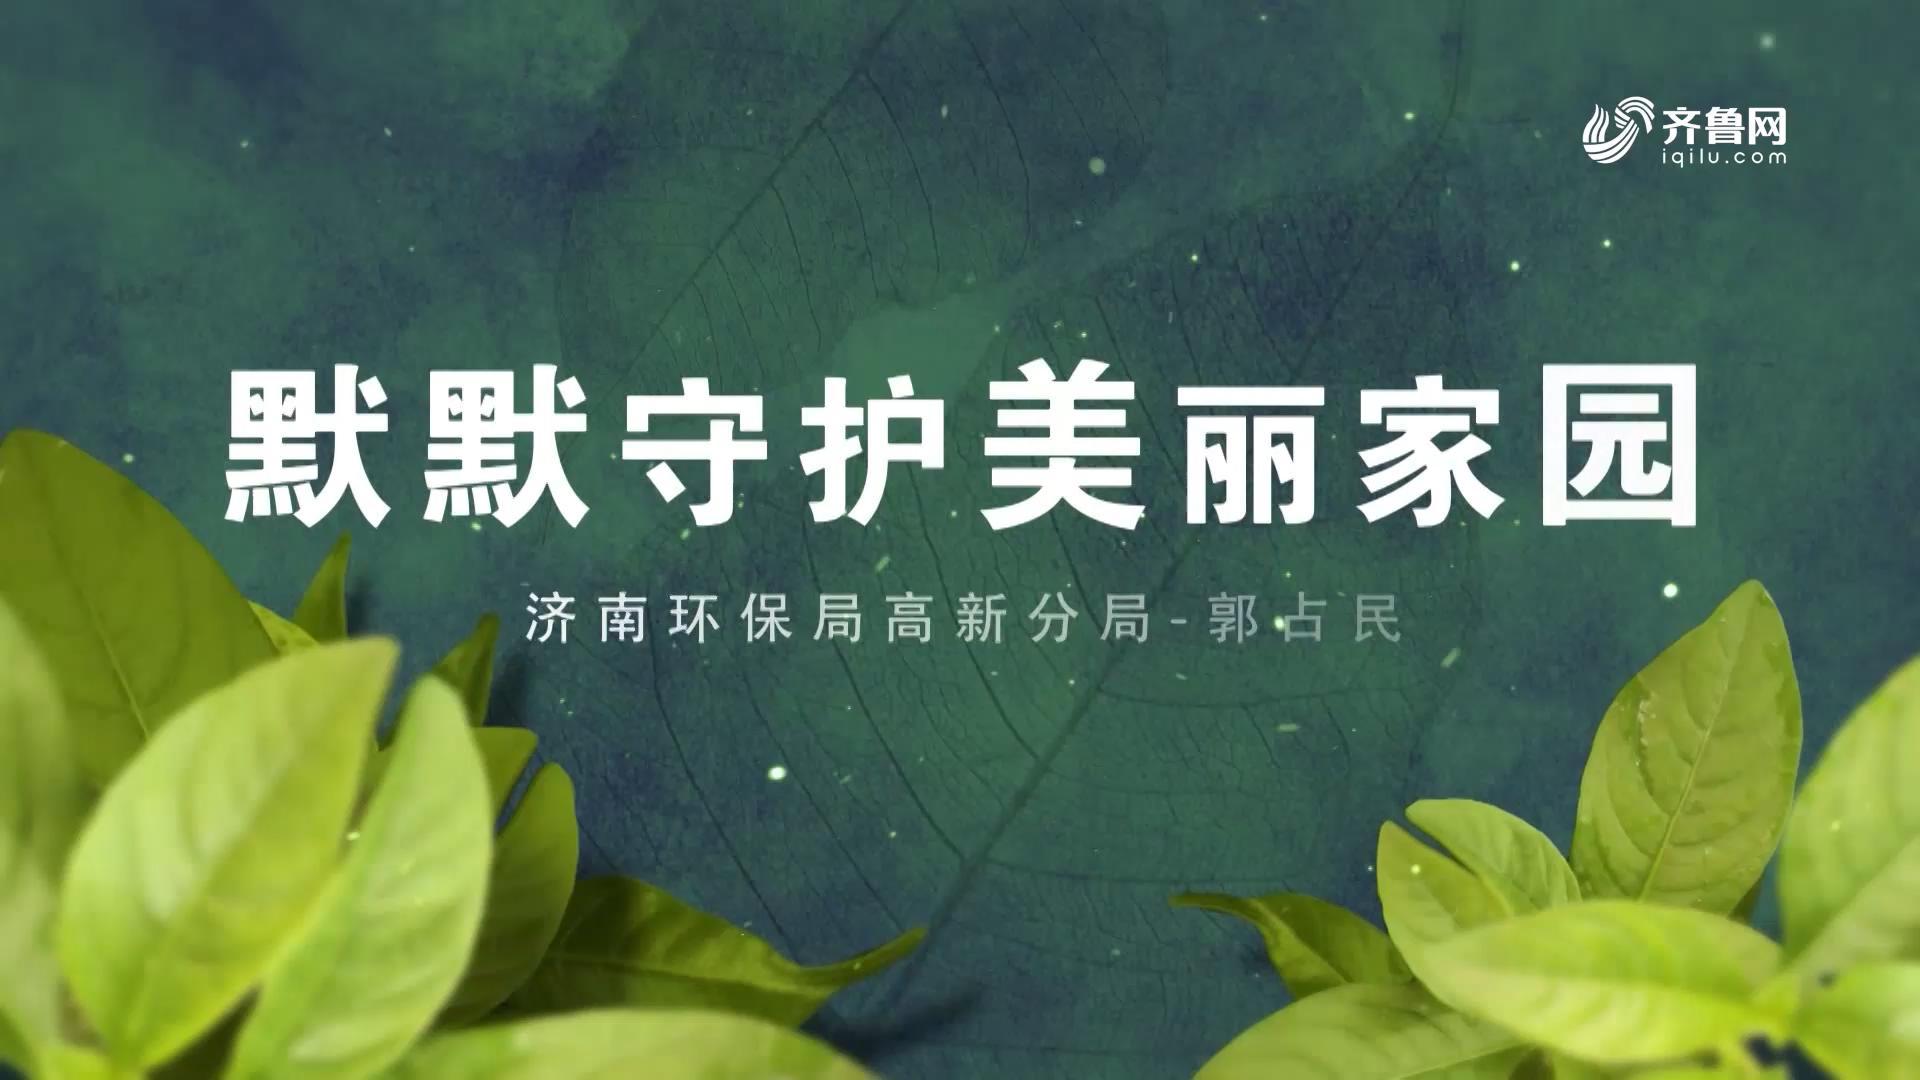 冷静保卫优美故里-济南环保局高新分局郭占民